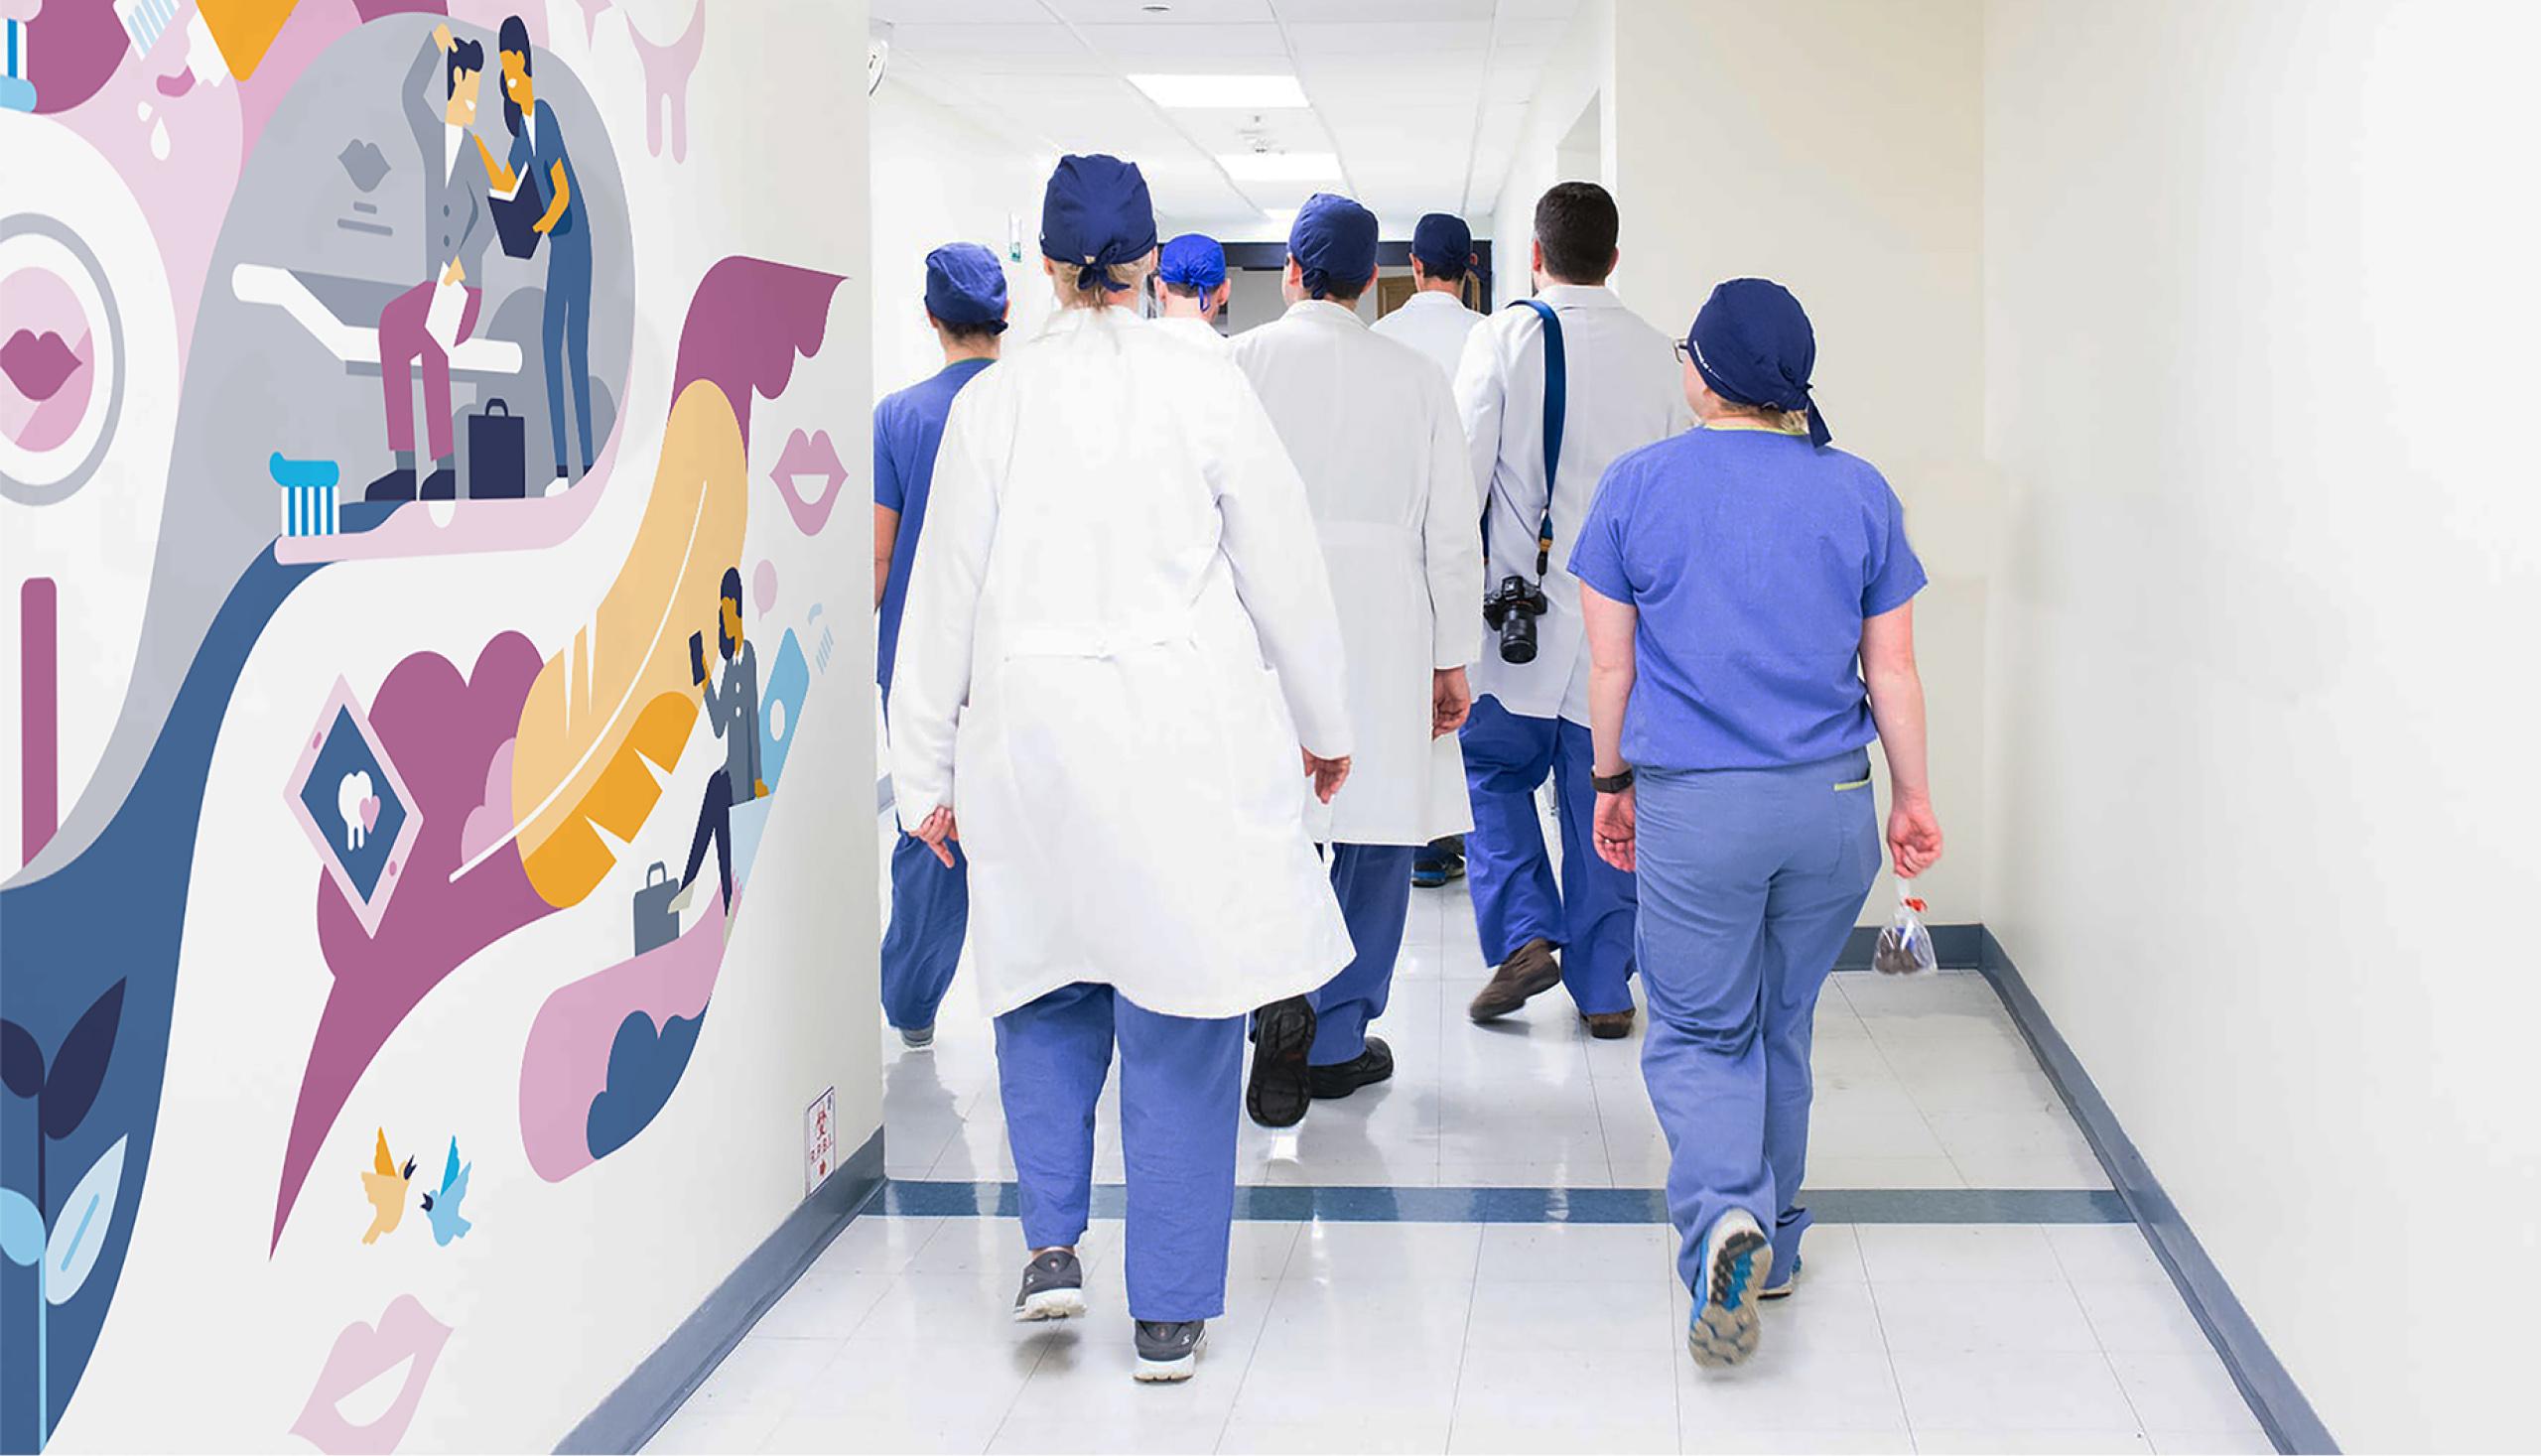 Terveydenhuollon henkilökuntaa kävelemässä käytävällä, seinässä on kuvituksista teetetty seinämaalaus.